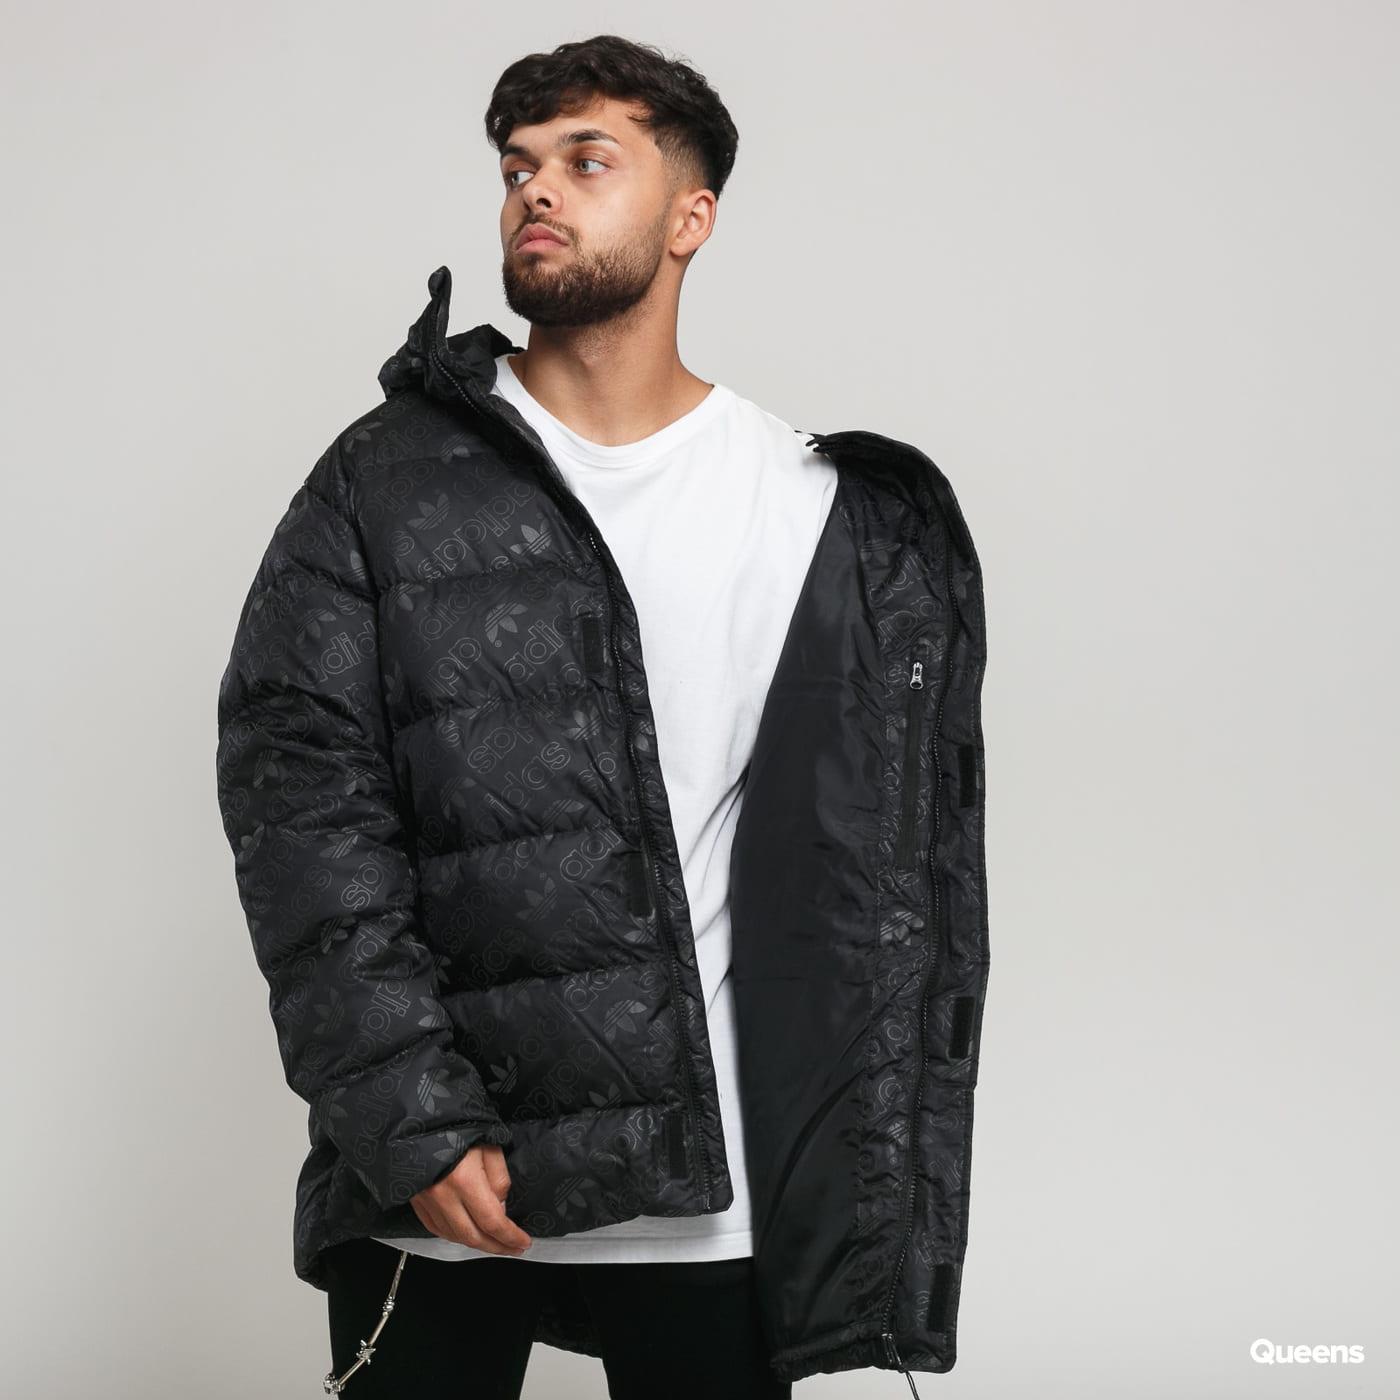 Distribuir entrevista Colector  Men Winter Jacket adidas Originals H Jacket Down Reflective black / dark  gray (ED5841) – Queens 💚